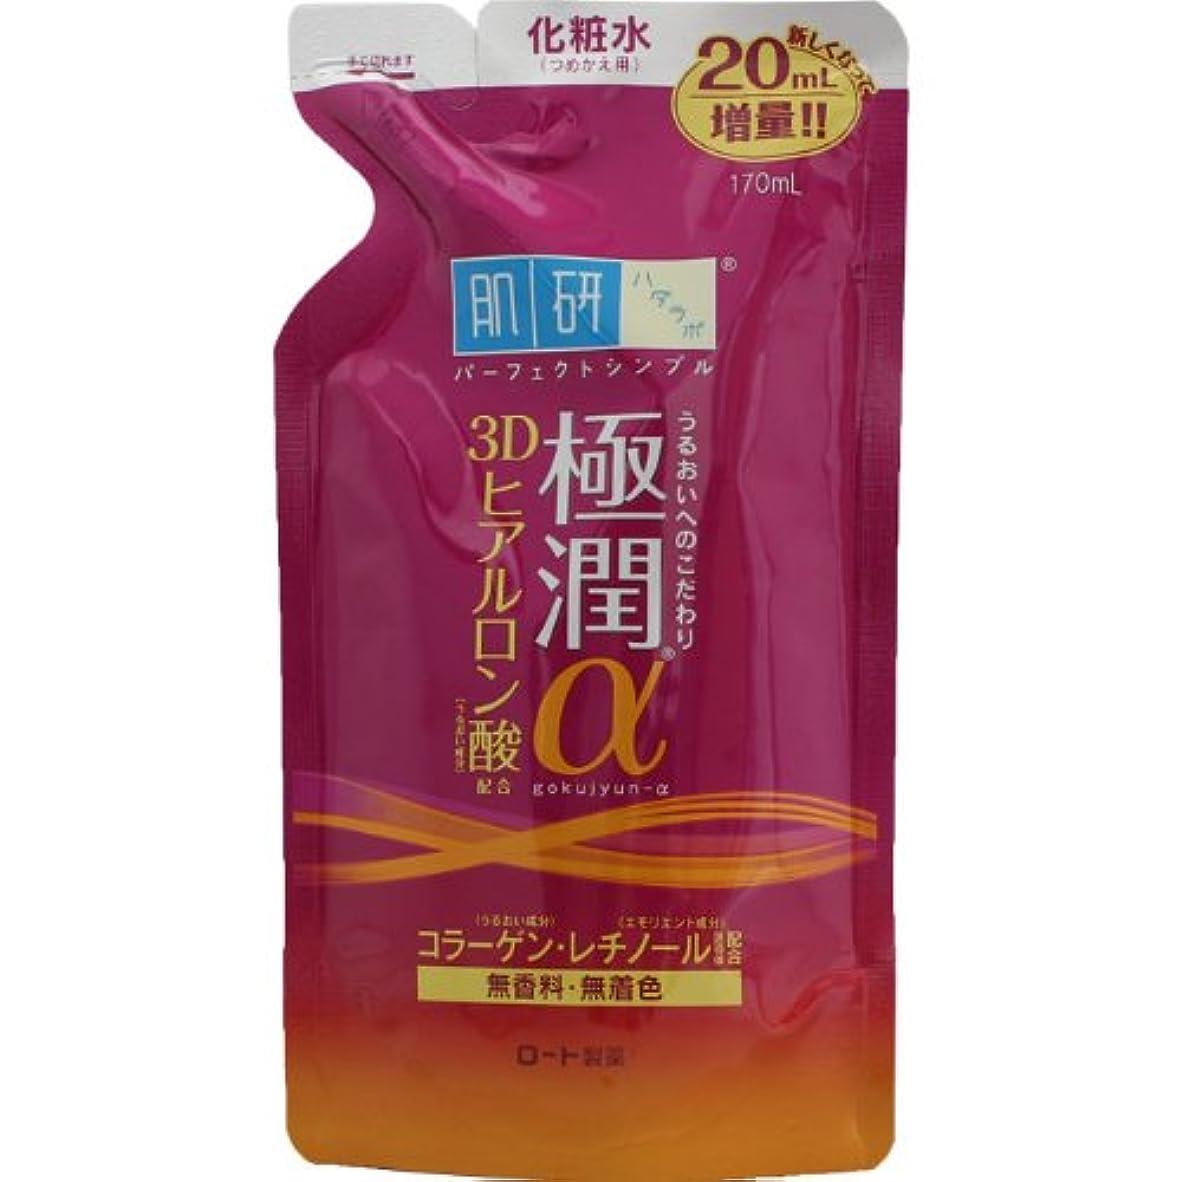 限られた乳製品独占肌研(ハダラボ) 極潤 α化粧水 (つめかえ用) 170mL